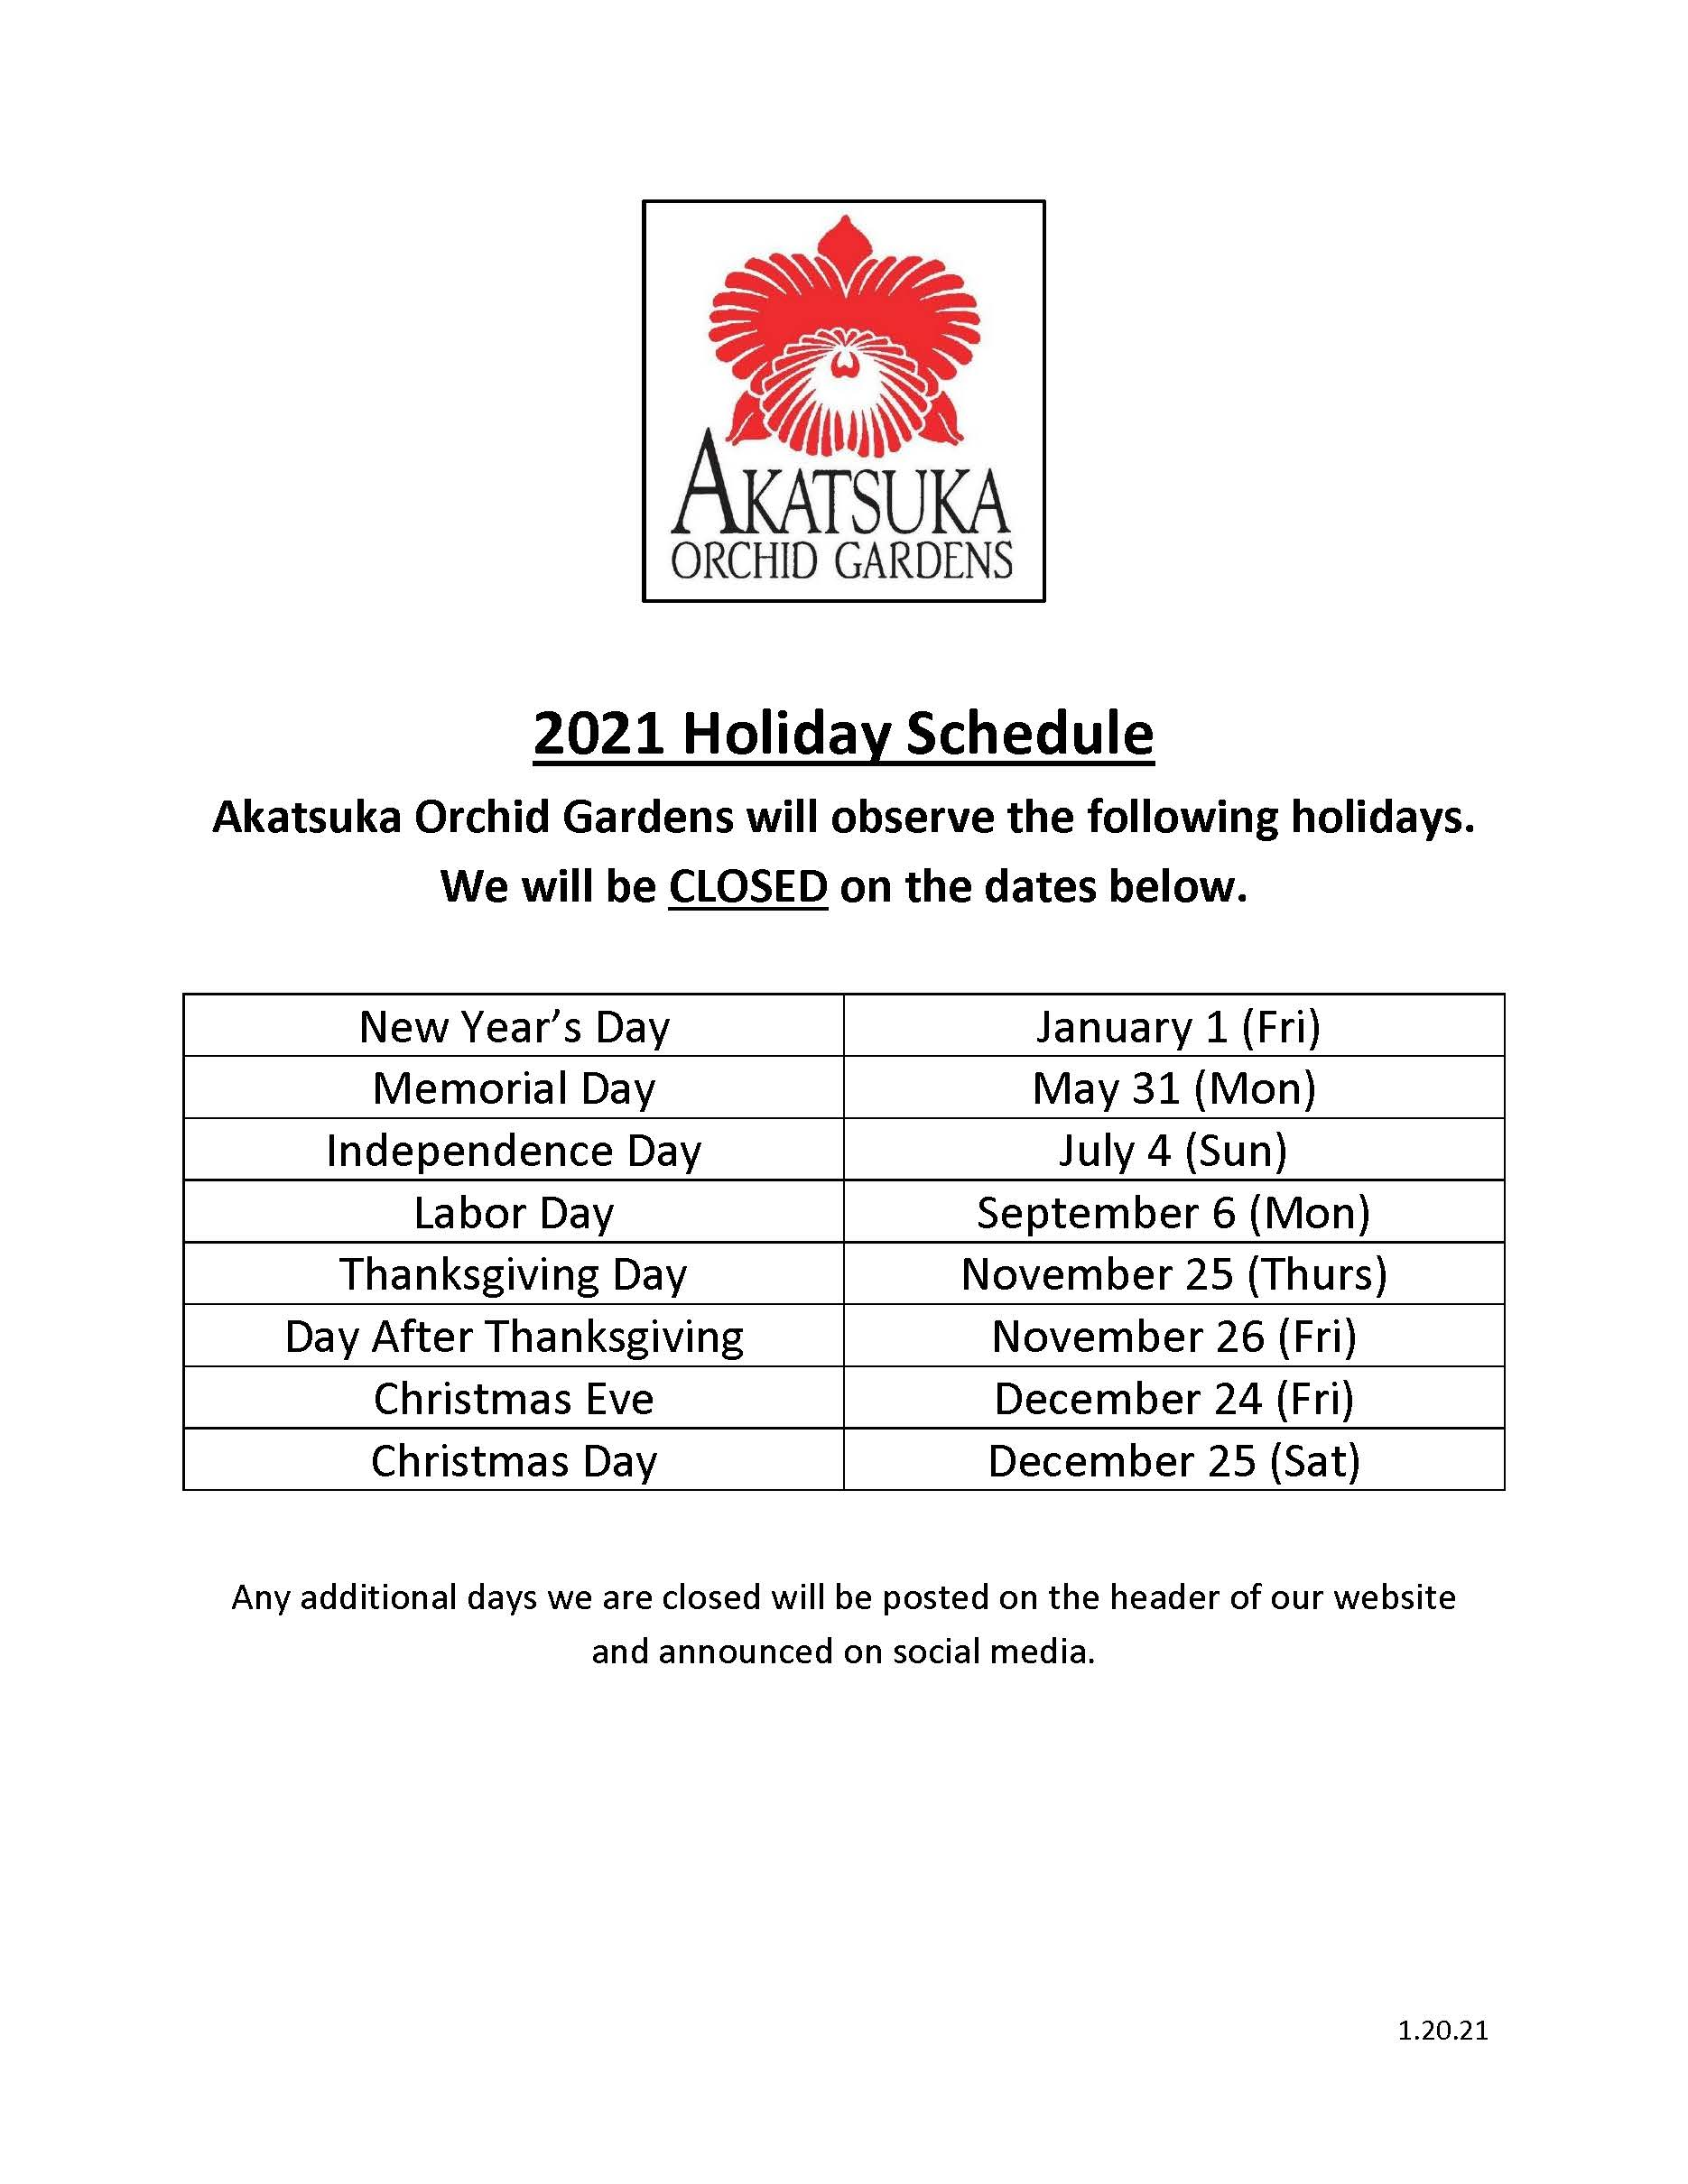 2021-holiday-schedule.jpg